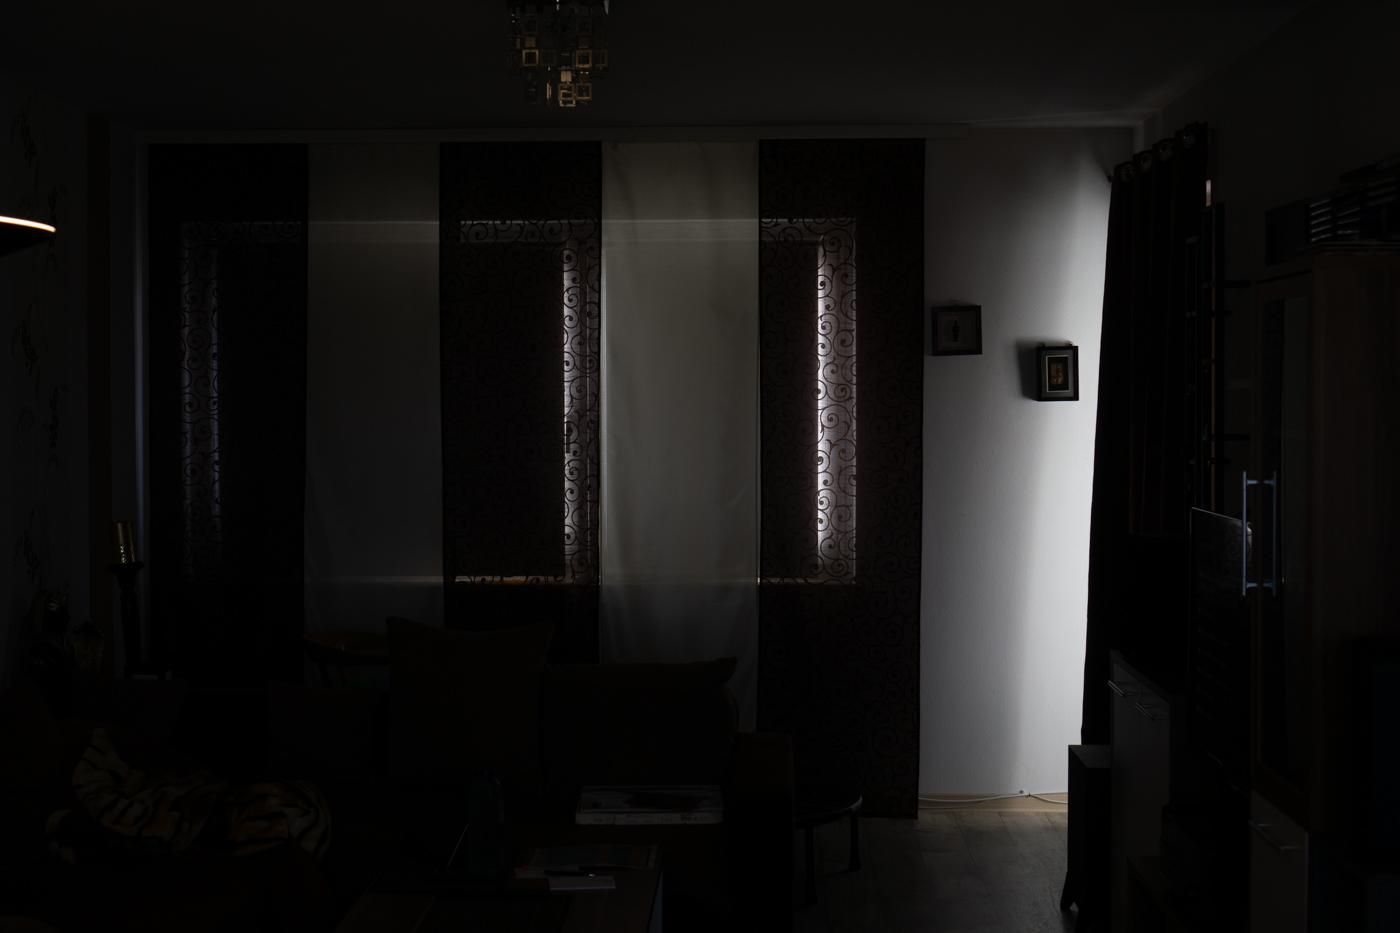 Full Size of Fenster Verdunkelung Vllig Von Der Rolle Solina Rollos Mdks Felux Landhaus Einbruchsicherung Sonnenschutz Erneuern Kosten Insektenschutz Fototapete Schüco Rc3 Fenster Fenster Verdunkelung